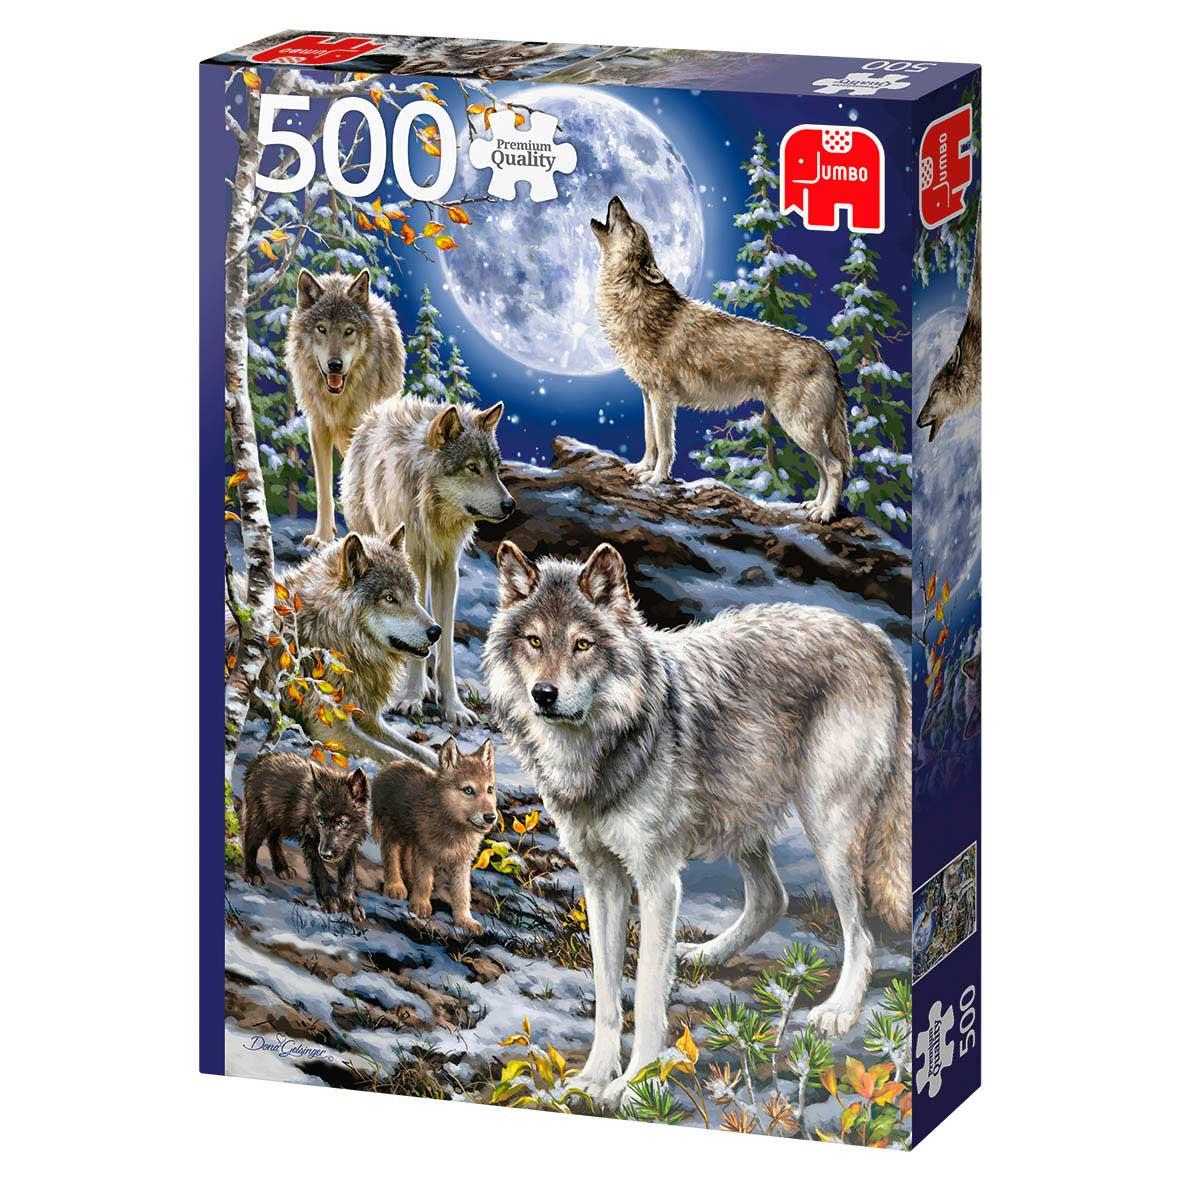 Puzzle Jumbo Manada de Lobos en Invierno de 500 Piezas